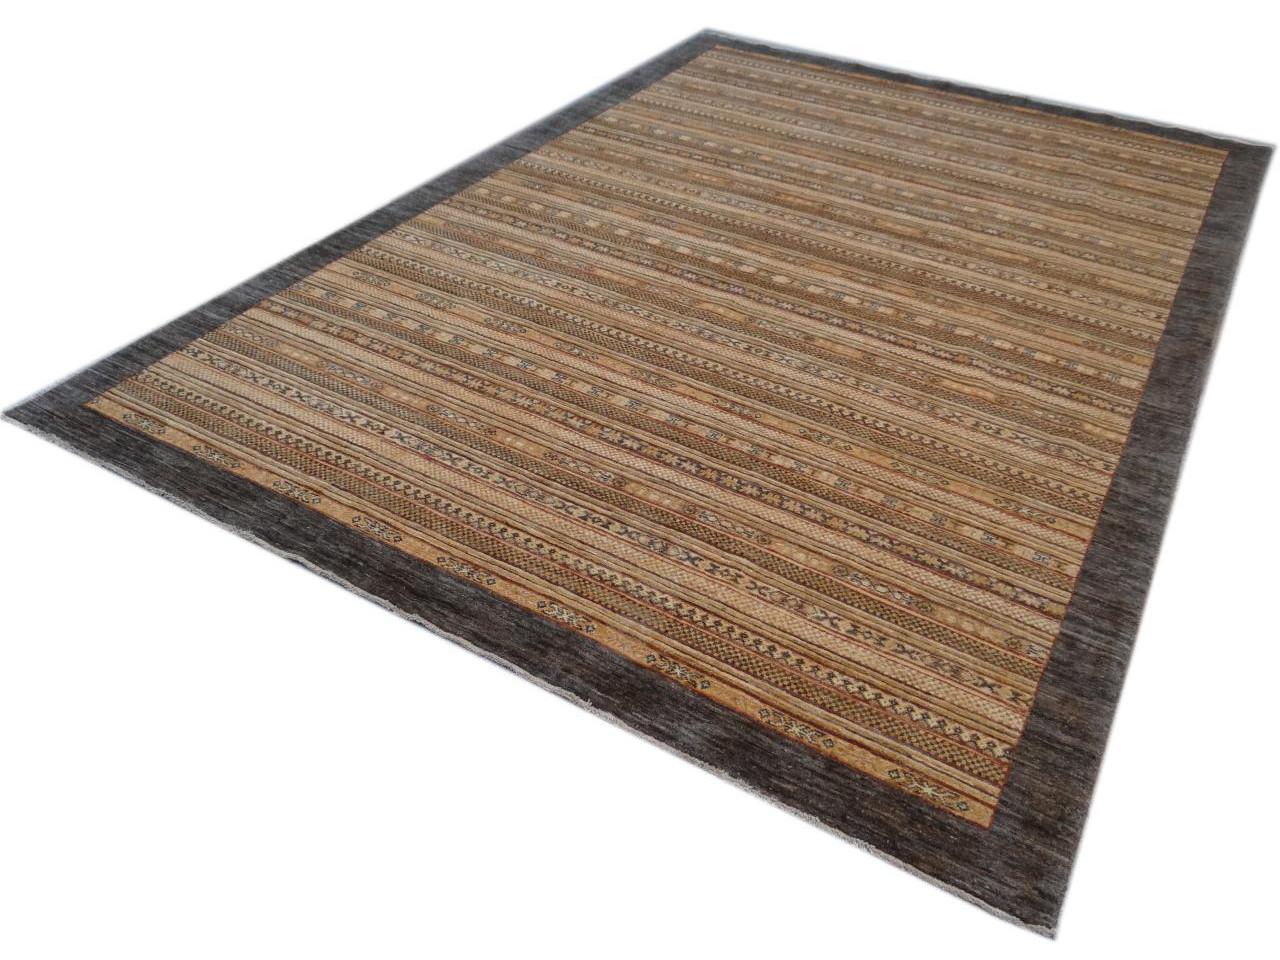 Gabri etnische tapijten n 2240 296x204cm - Etnische pouf ...